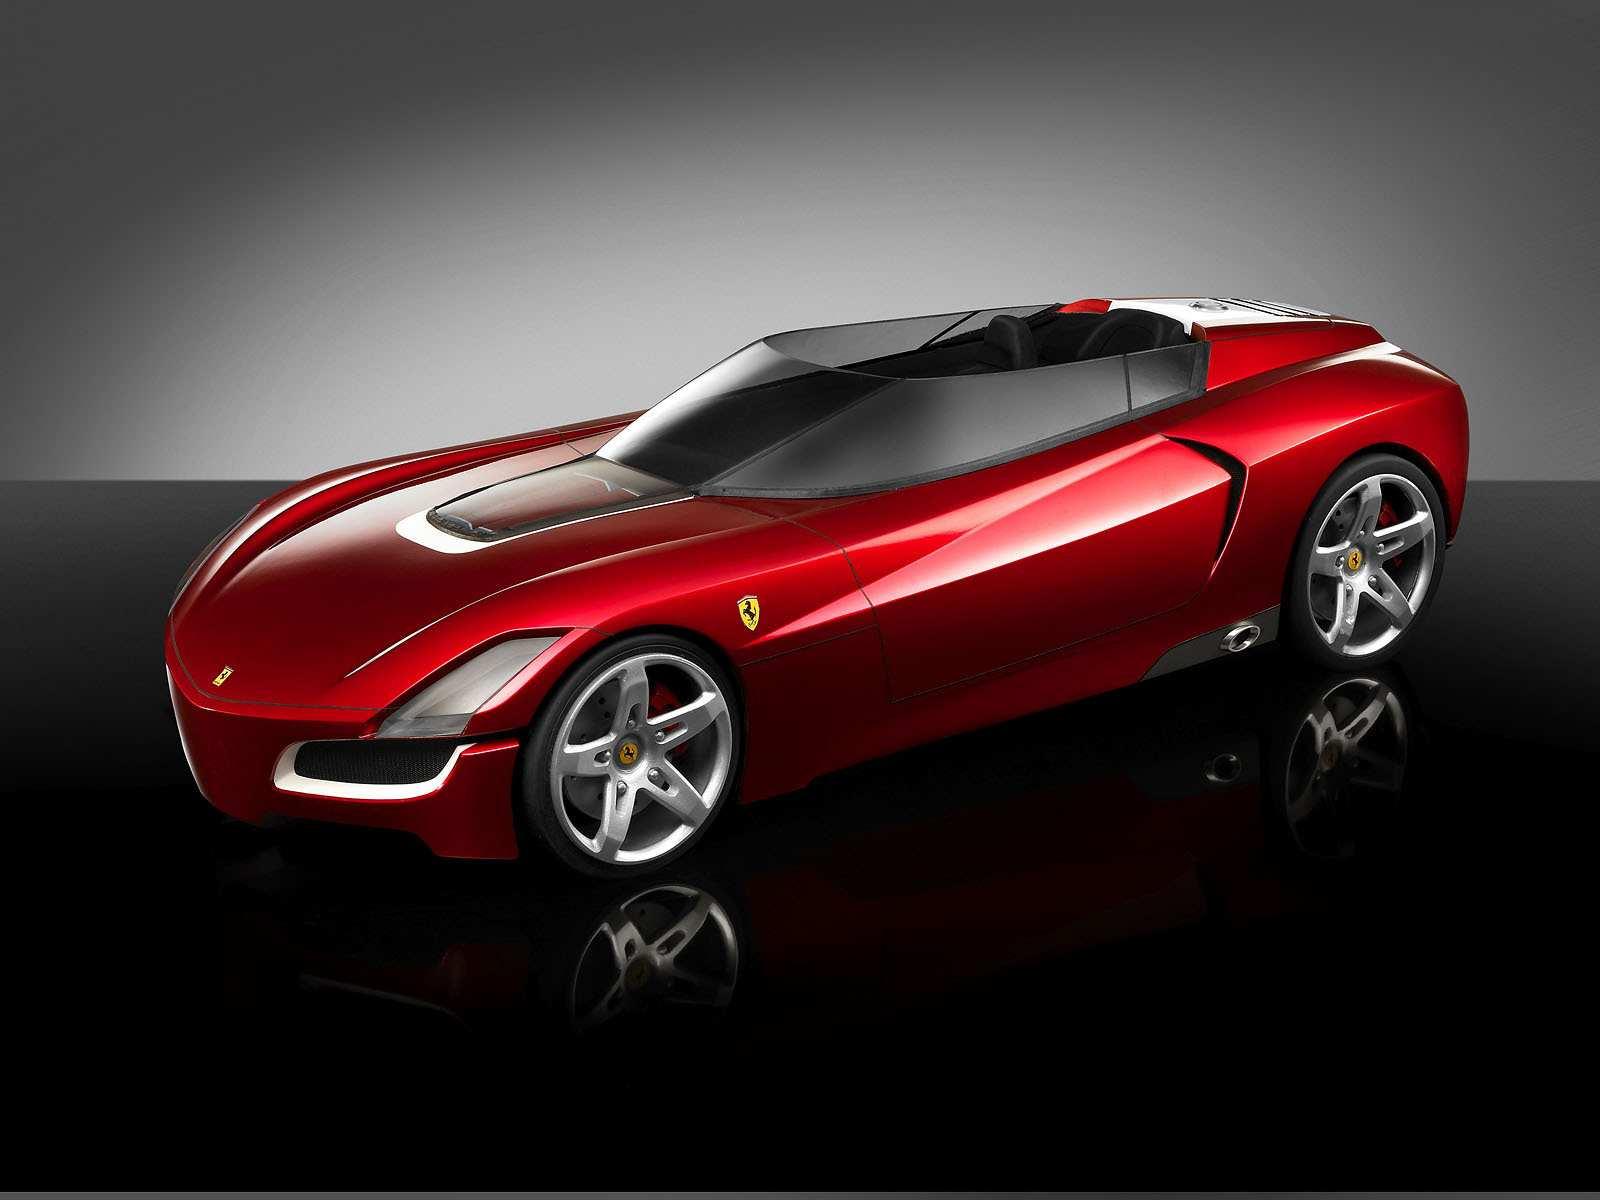 ferrari_concept_car_3